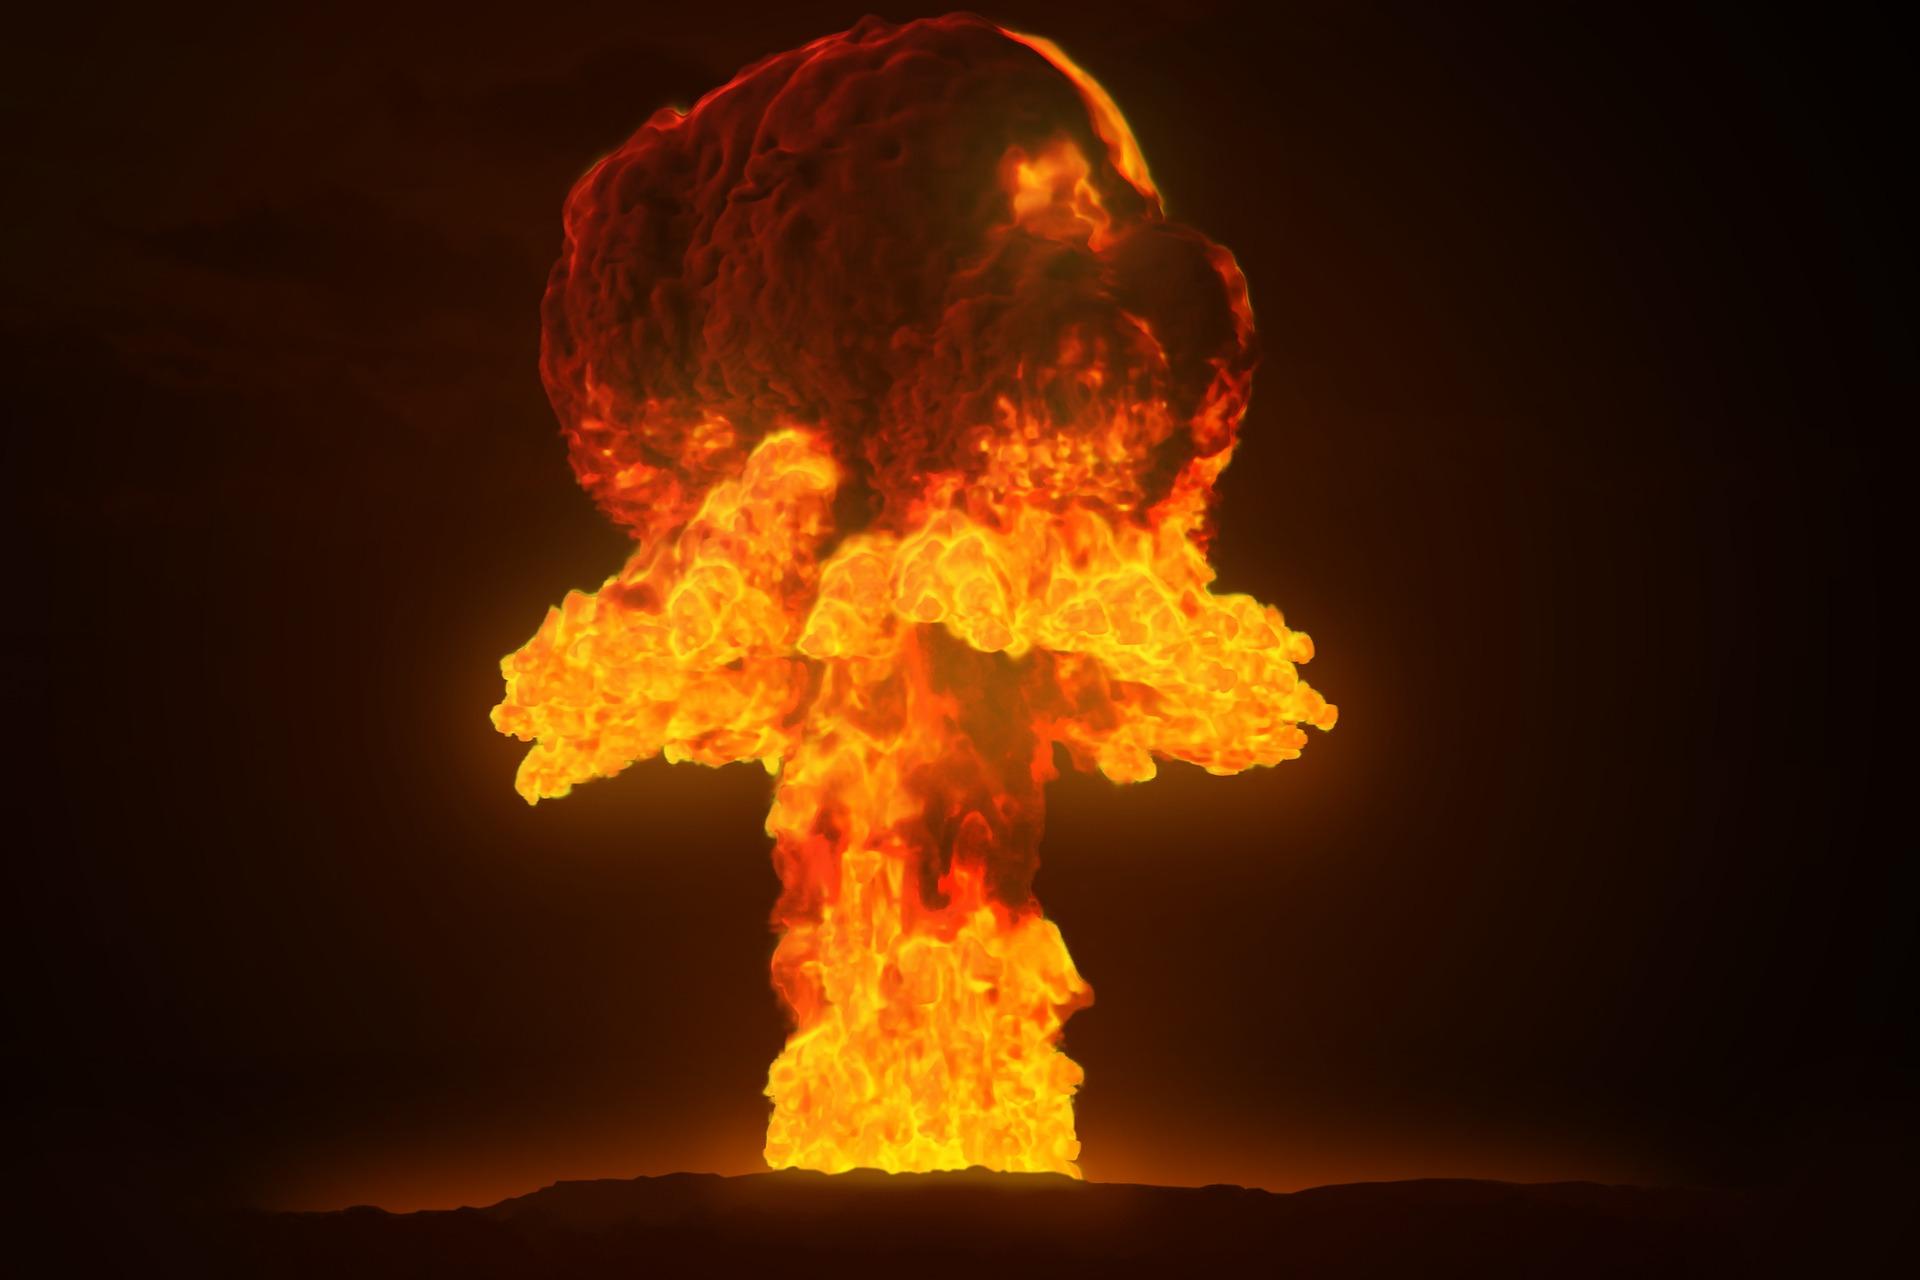 Bomba atómica: ¿sabes quién la inventó y cuándo?